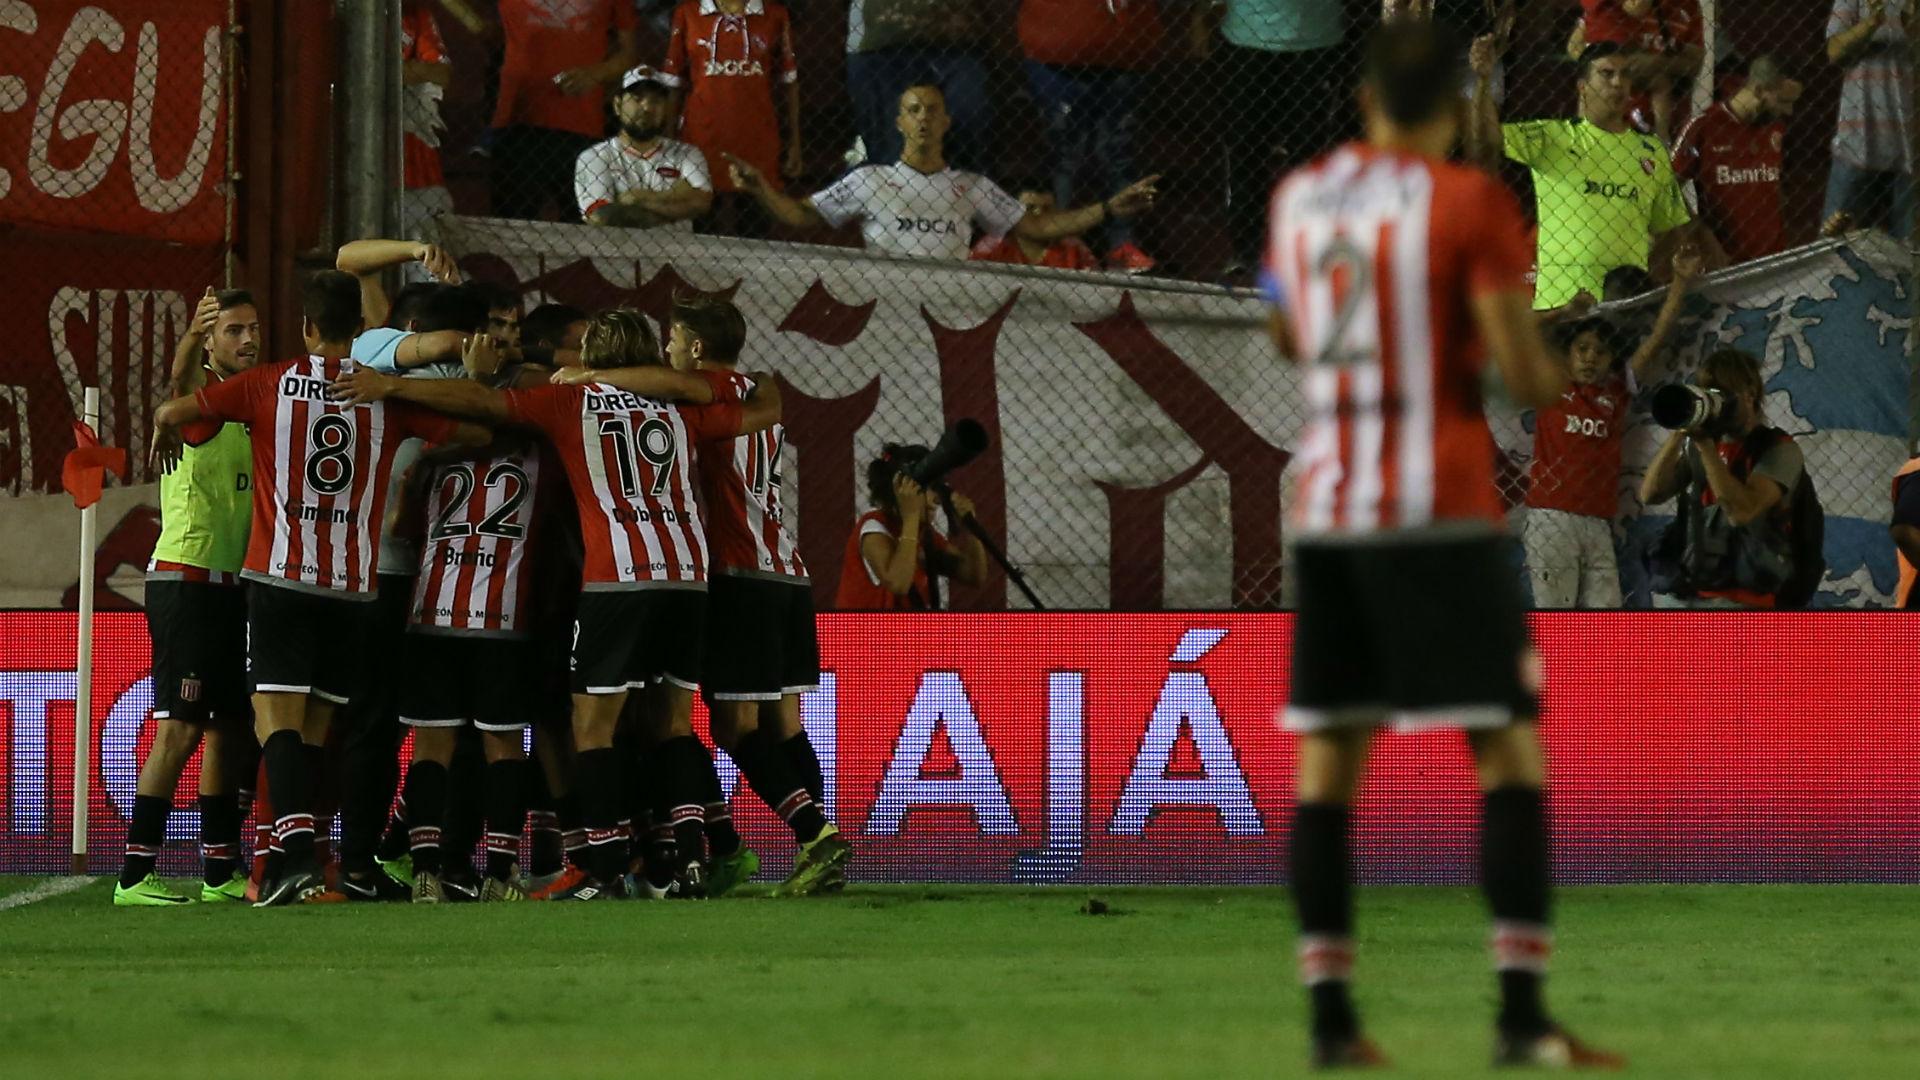 Independiente Estudiantes Superliga Argentina 2018